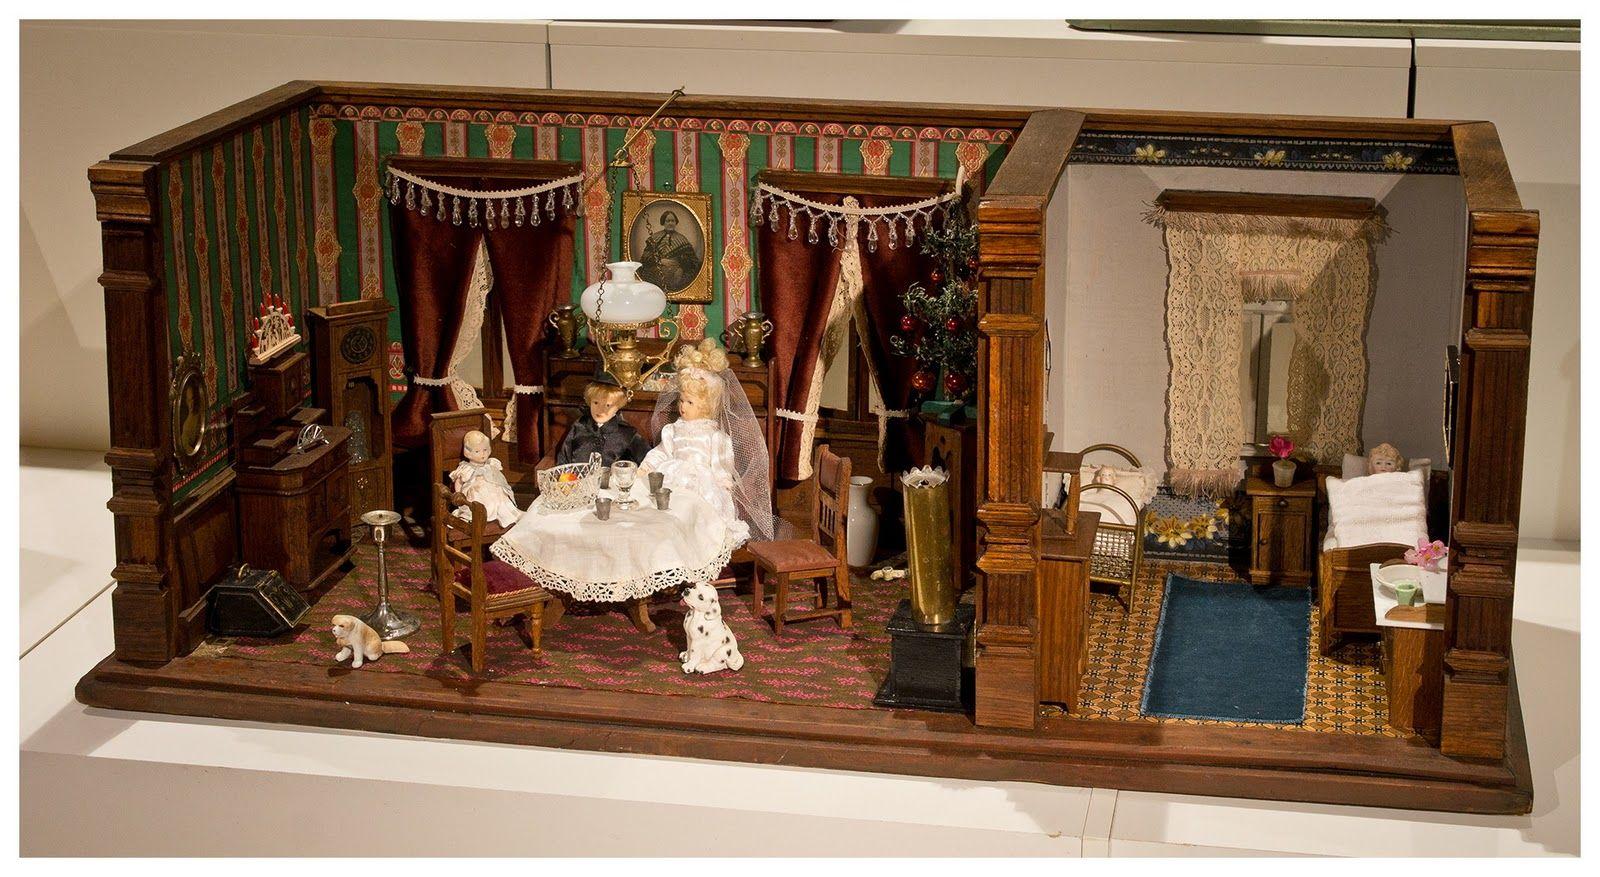 Weihnachten im Erzgebirge - Ausstellung im Wasserschloss Klaffenbach